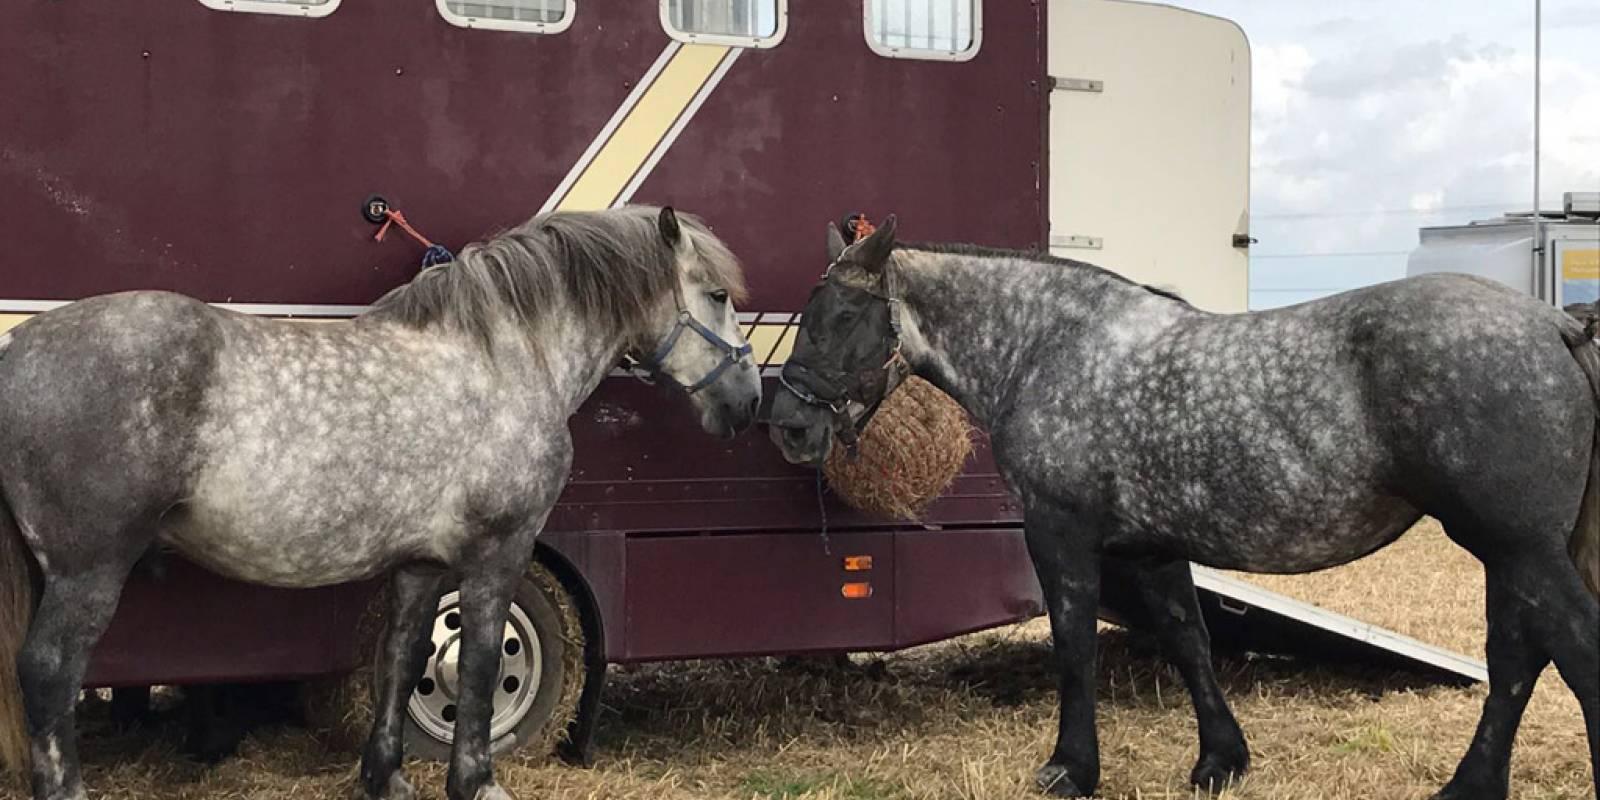 Romney-Marsh-Ploughing-Match-2017-horses.jpg